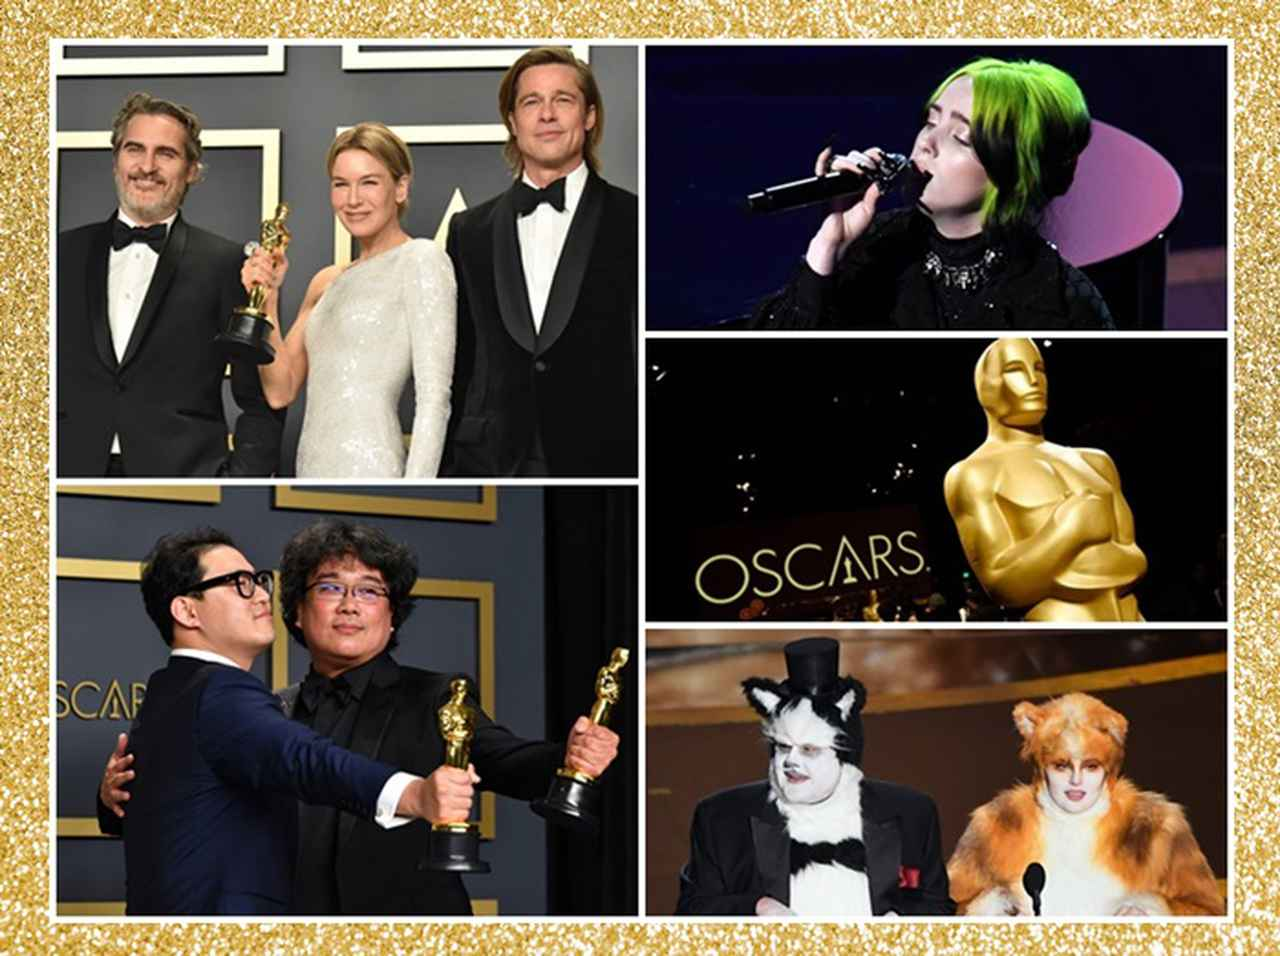 第92回アカデミー賞、受賞結果&授賞式で起こったことを総まとめ